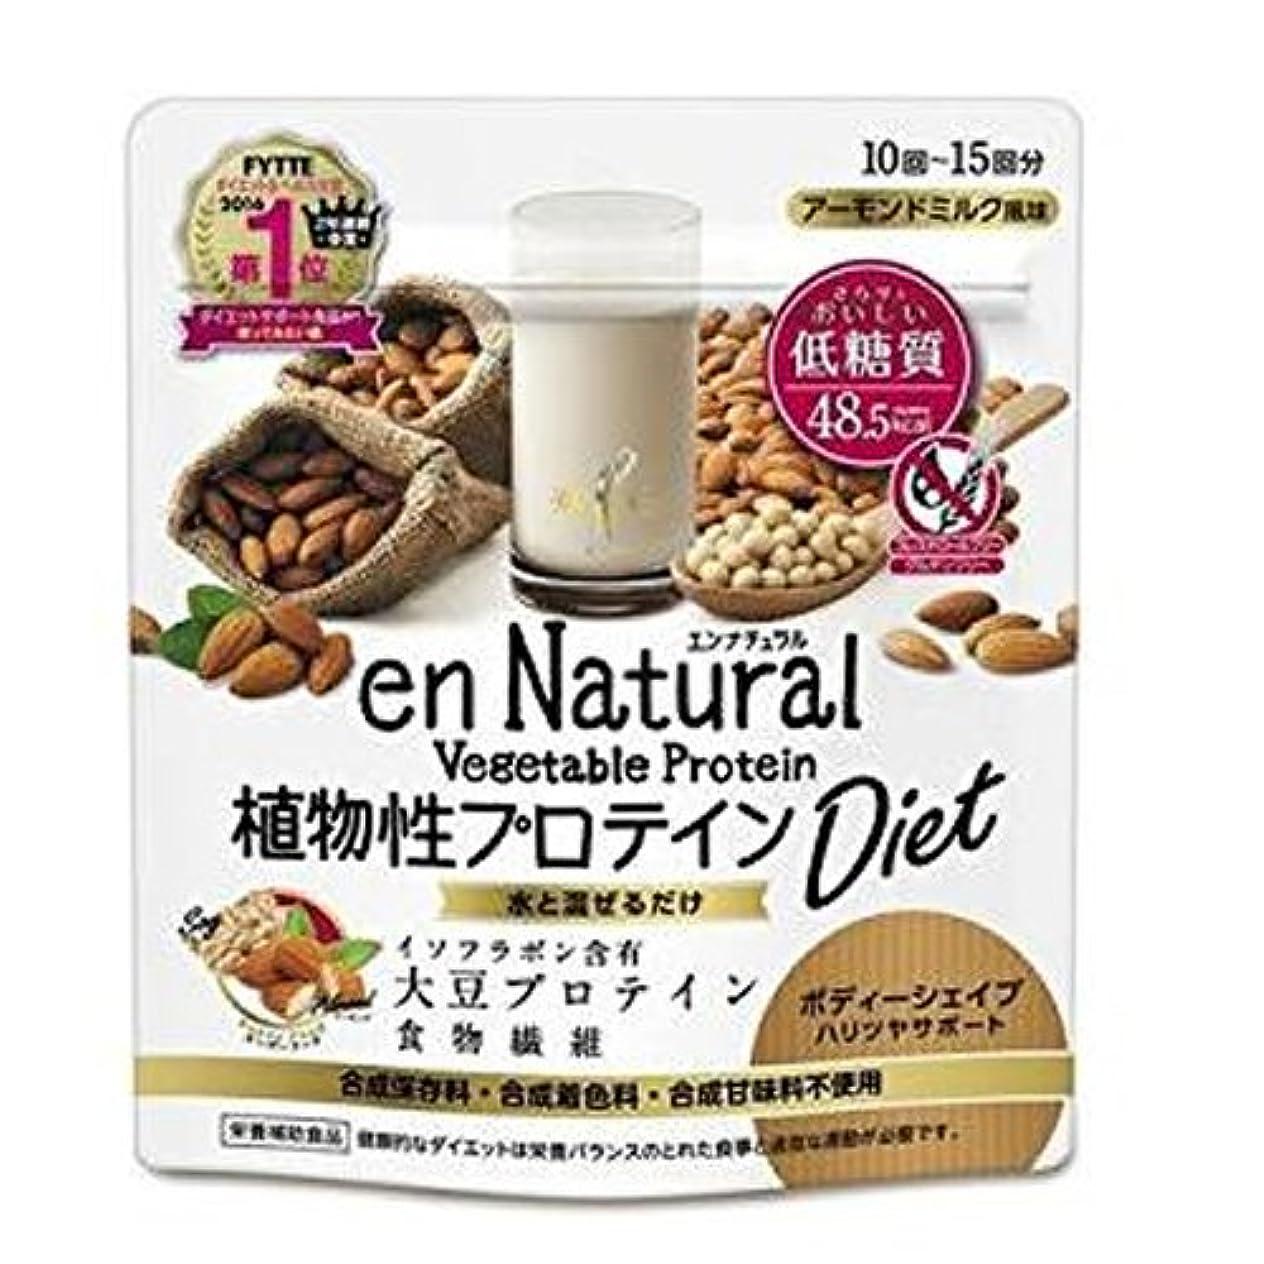 ロビー正当なフォーマットメタボリック エンナチュラル植物性プロテインダイエット 150g